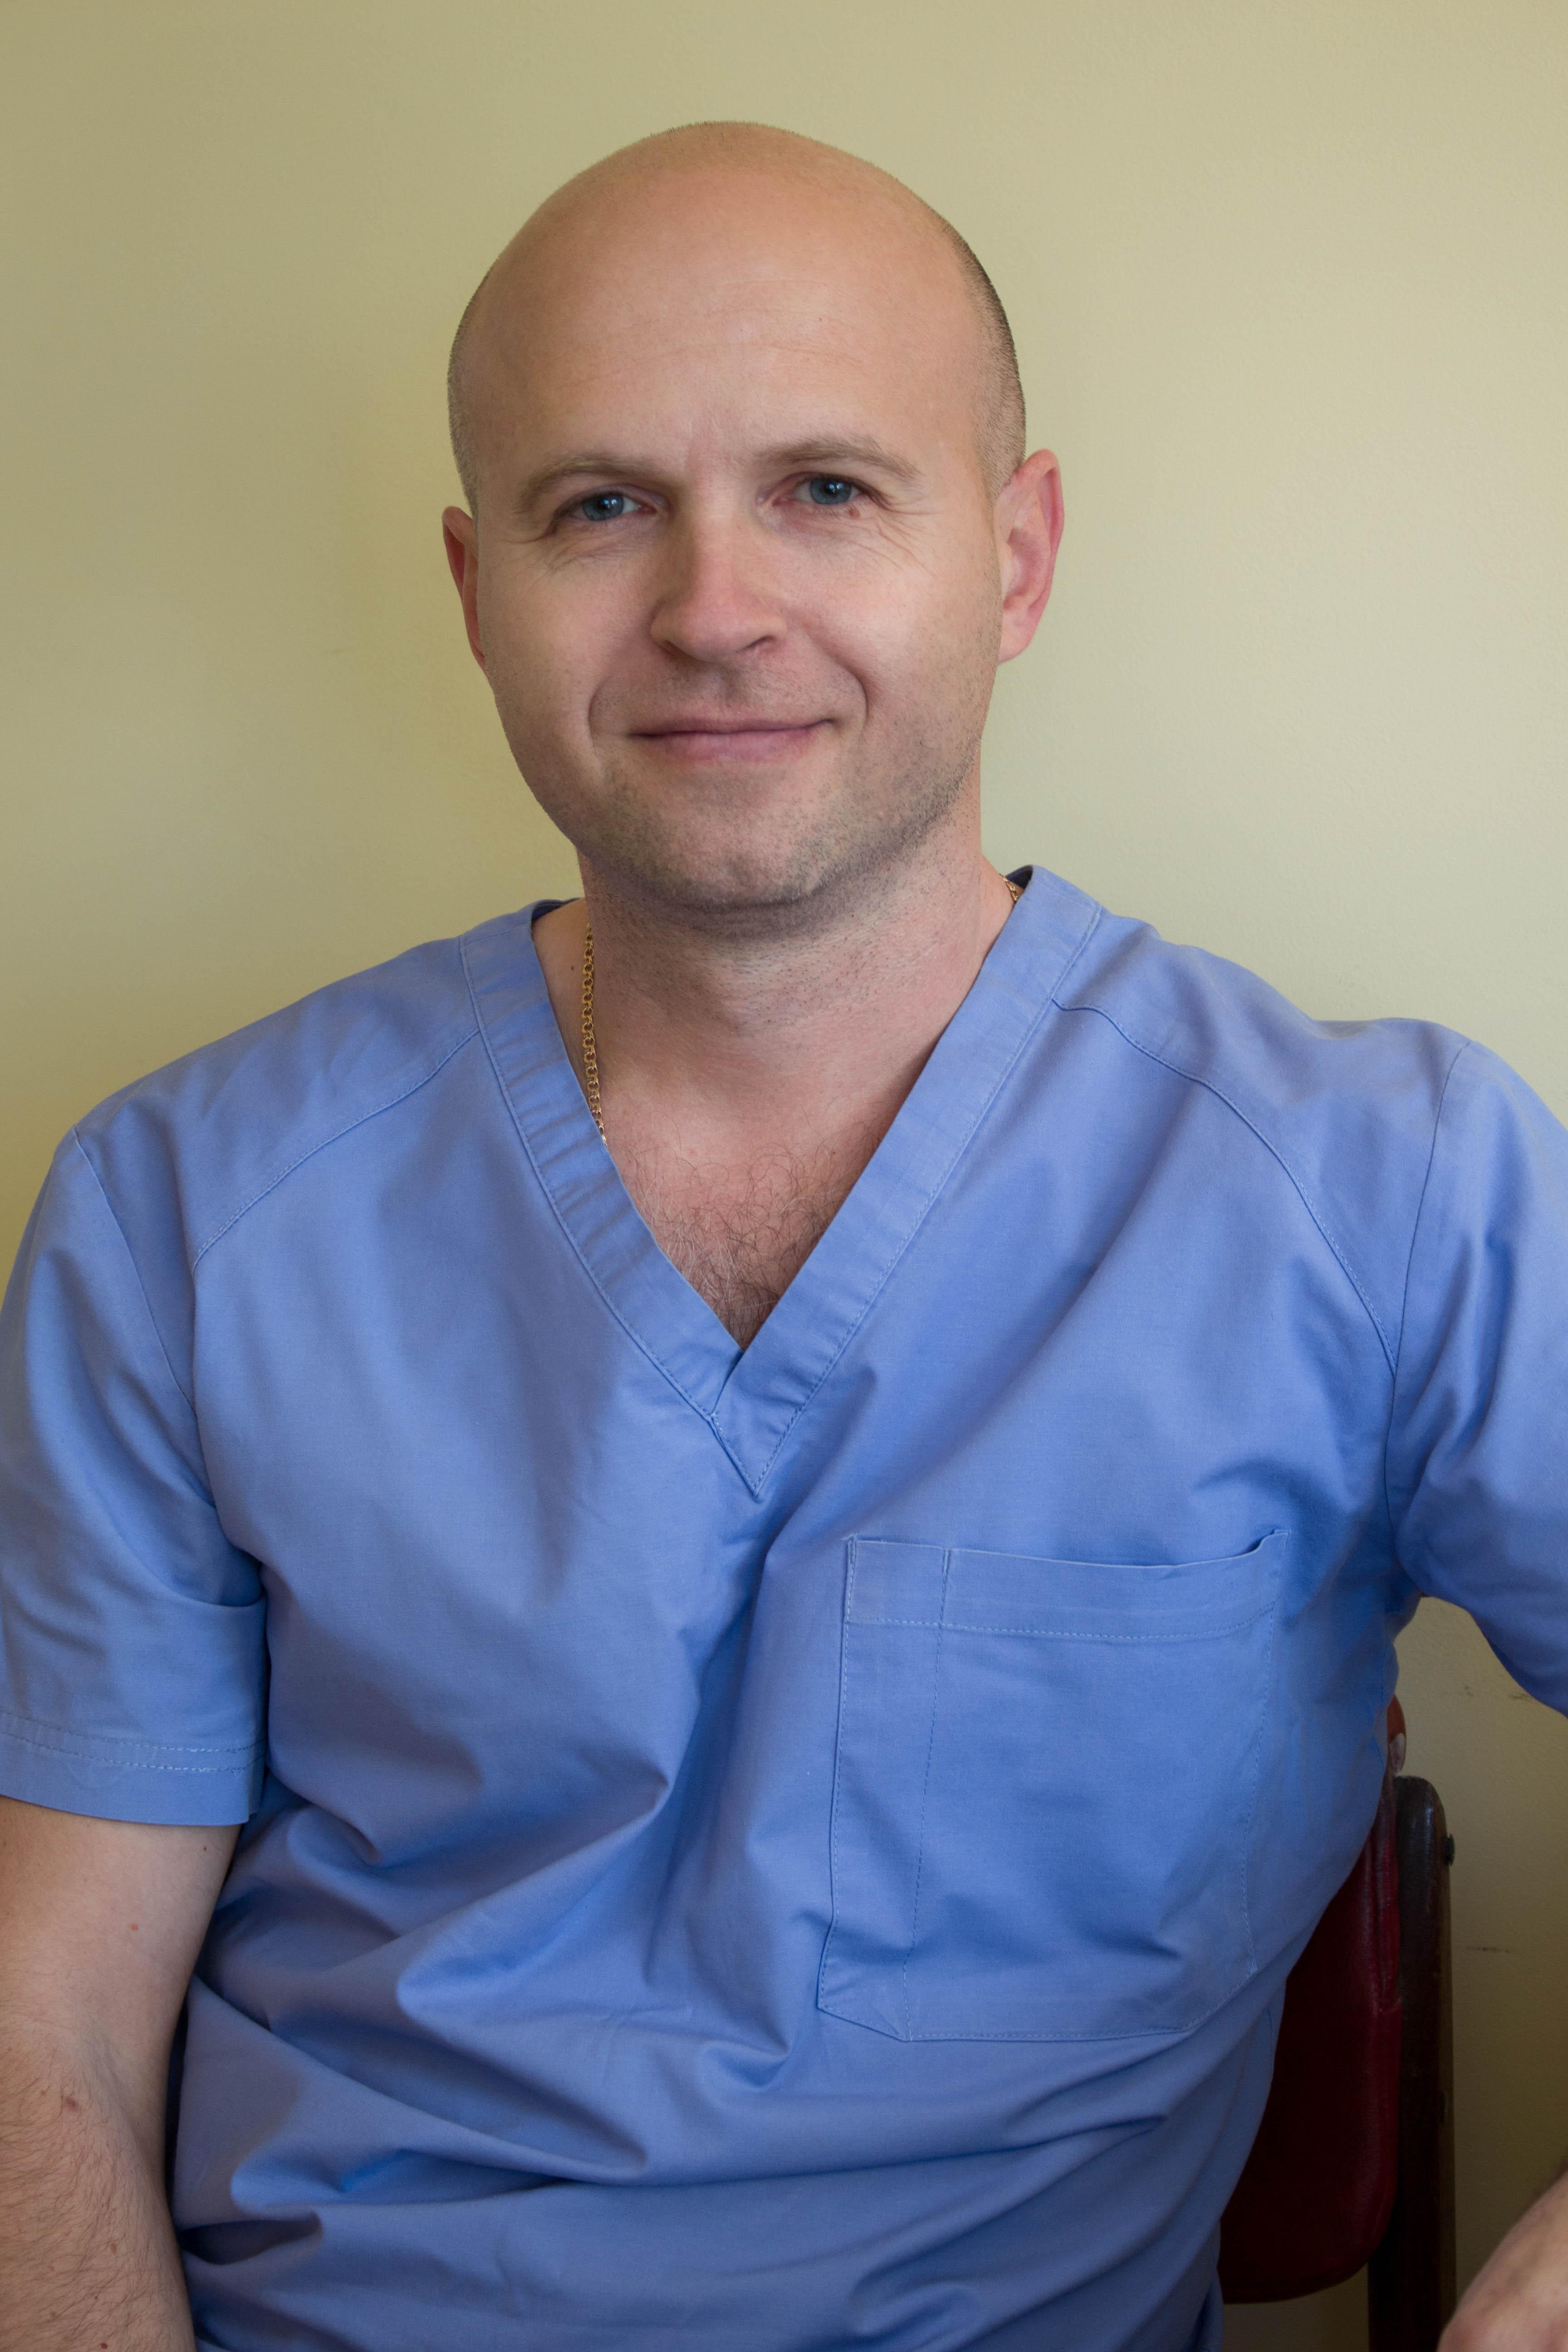 Кулик Андрей Александрович - врач хирург, флеболог